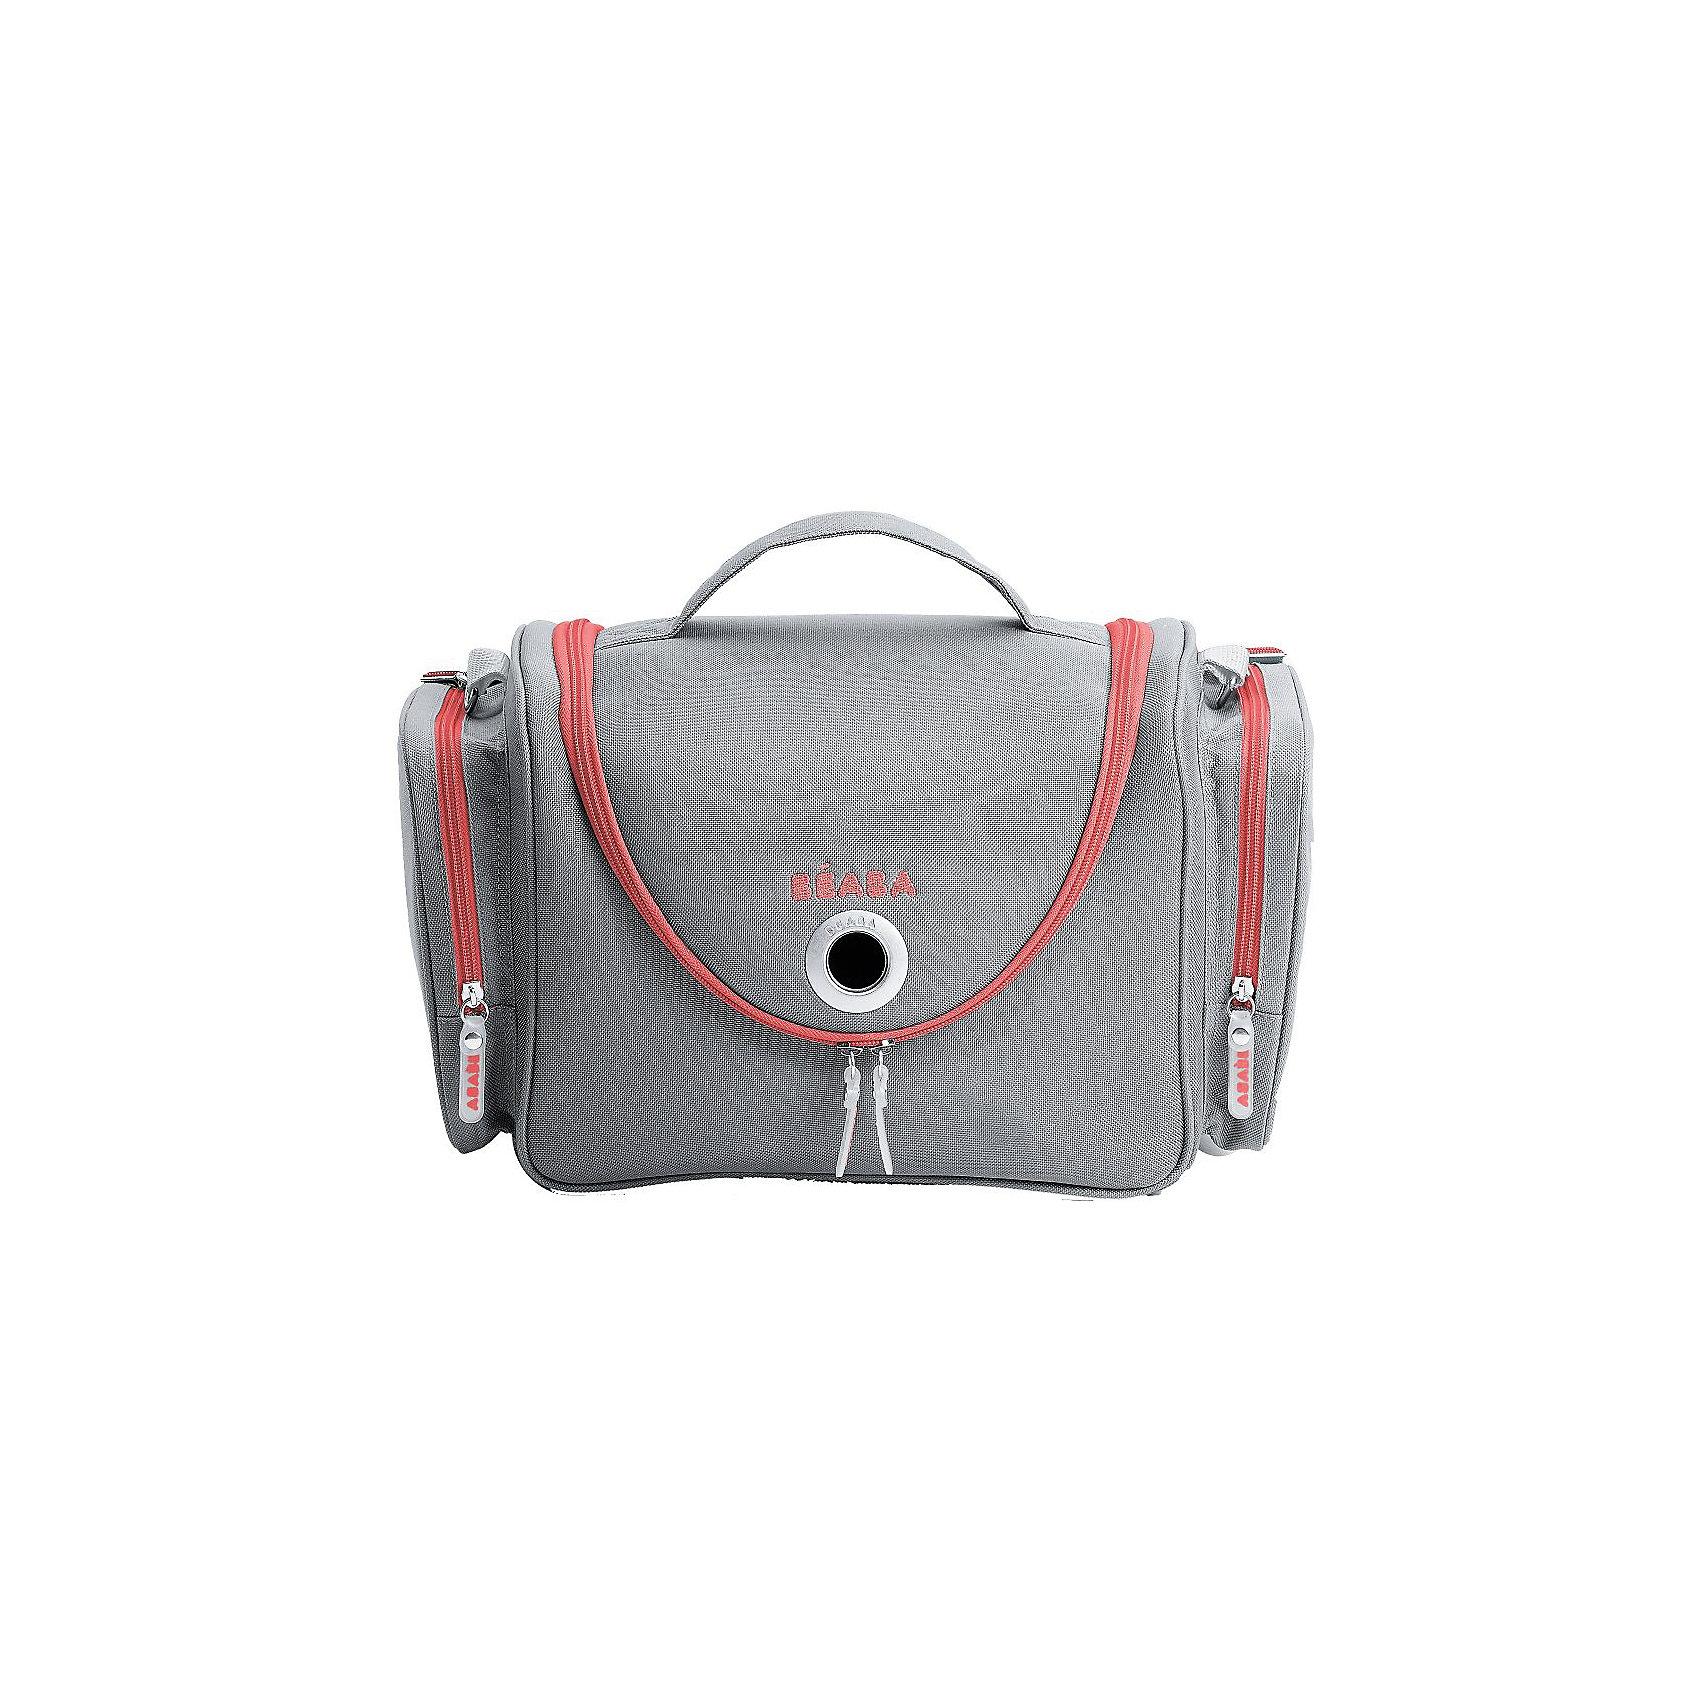 Сумка для мамы, Beaba, Grey/CoralСумки для колясок<br>Сумка для мамы, Beaba (Беаба), Grey/Coral<br><br>Характеристики:<br><br>• вместительное основное отделение<br>• маленькие карманы и держатели во внутреннем отделении<br>• 2 больших боковых кармана<br>• сумка хорошо сохраняет форму<br>• можно подвесить с помощью кольца на застежке<br>• размер сумки: 32х20х38 см<br>• вес: 500 грамм<br>• цвет: серый/коралловый<br><br>Сумка для мамы Beaba поможет держать под рукой всё необходимое для ухода за малышом. Сумка имеет одно основное отделение с карманами, держателями и сеточками, а также два вместительных боковых кармана. Вы сможете положить в сумку подгузники, детскую косметику, салфетки и другие нужные аксессуары. Сумка хорошо сохраняет форму, благодаря чему вы сможете поставить ее на стол, комод или подвесить при помощи кольца на застежке.<br><br>Сумку для мамы, Beaba (Беаба), Grey/Coral вы можете купить в нашем интернет-магазине.<br><br>Ширина мм: 315<br>Глубина мм: 200<br>Высота мм: 277<br>Вес г: 500<br>Возраст от месяцев: -2147483648<br>Возраст до месяцев: 2147483647<br>Пол: Женский<br>Возраст: Детский<br>SKU: 5445735